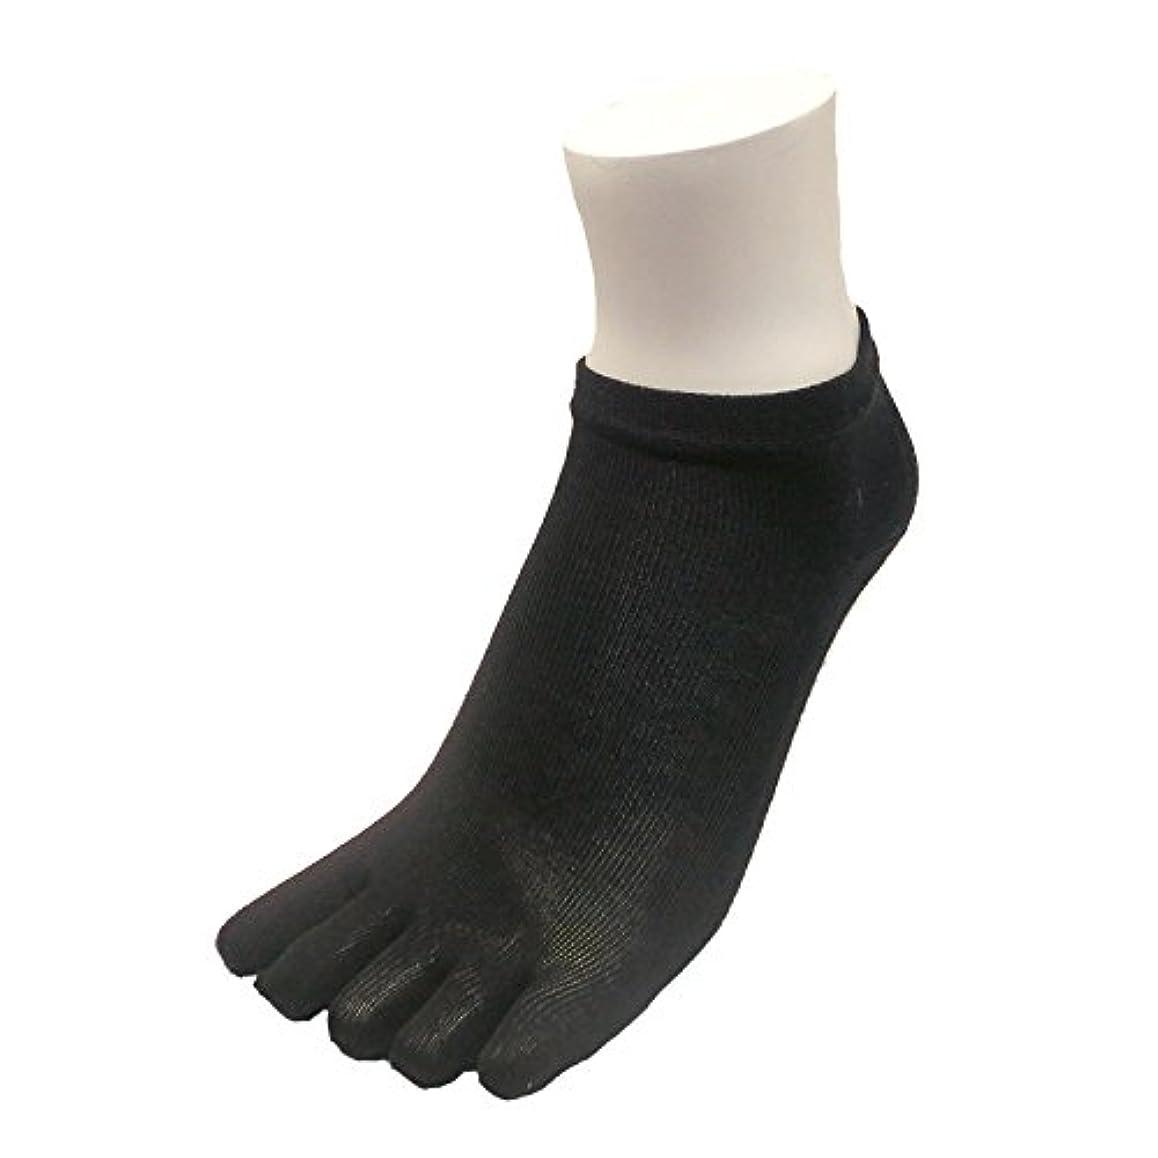 コウモリ百科事典同意するシルク 五本指 ソックス 23-25cm 日本製 (ブラック3足セット)絹 靴下